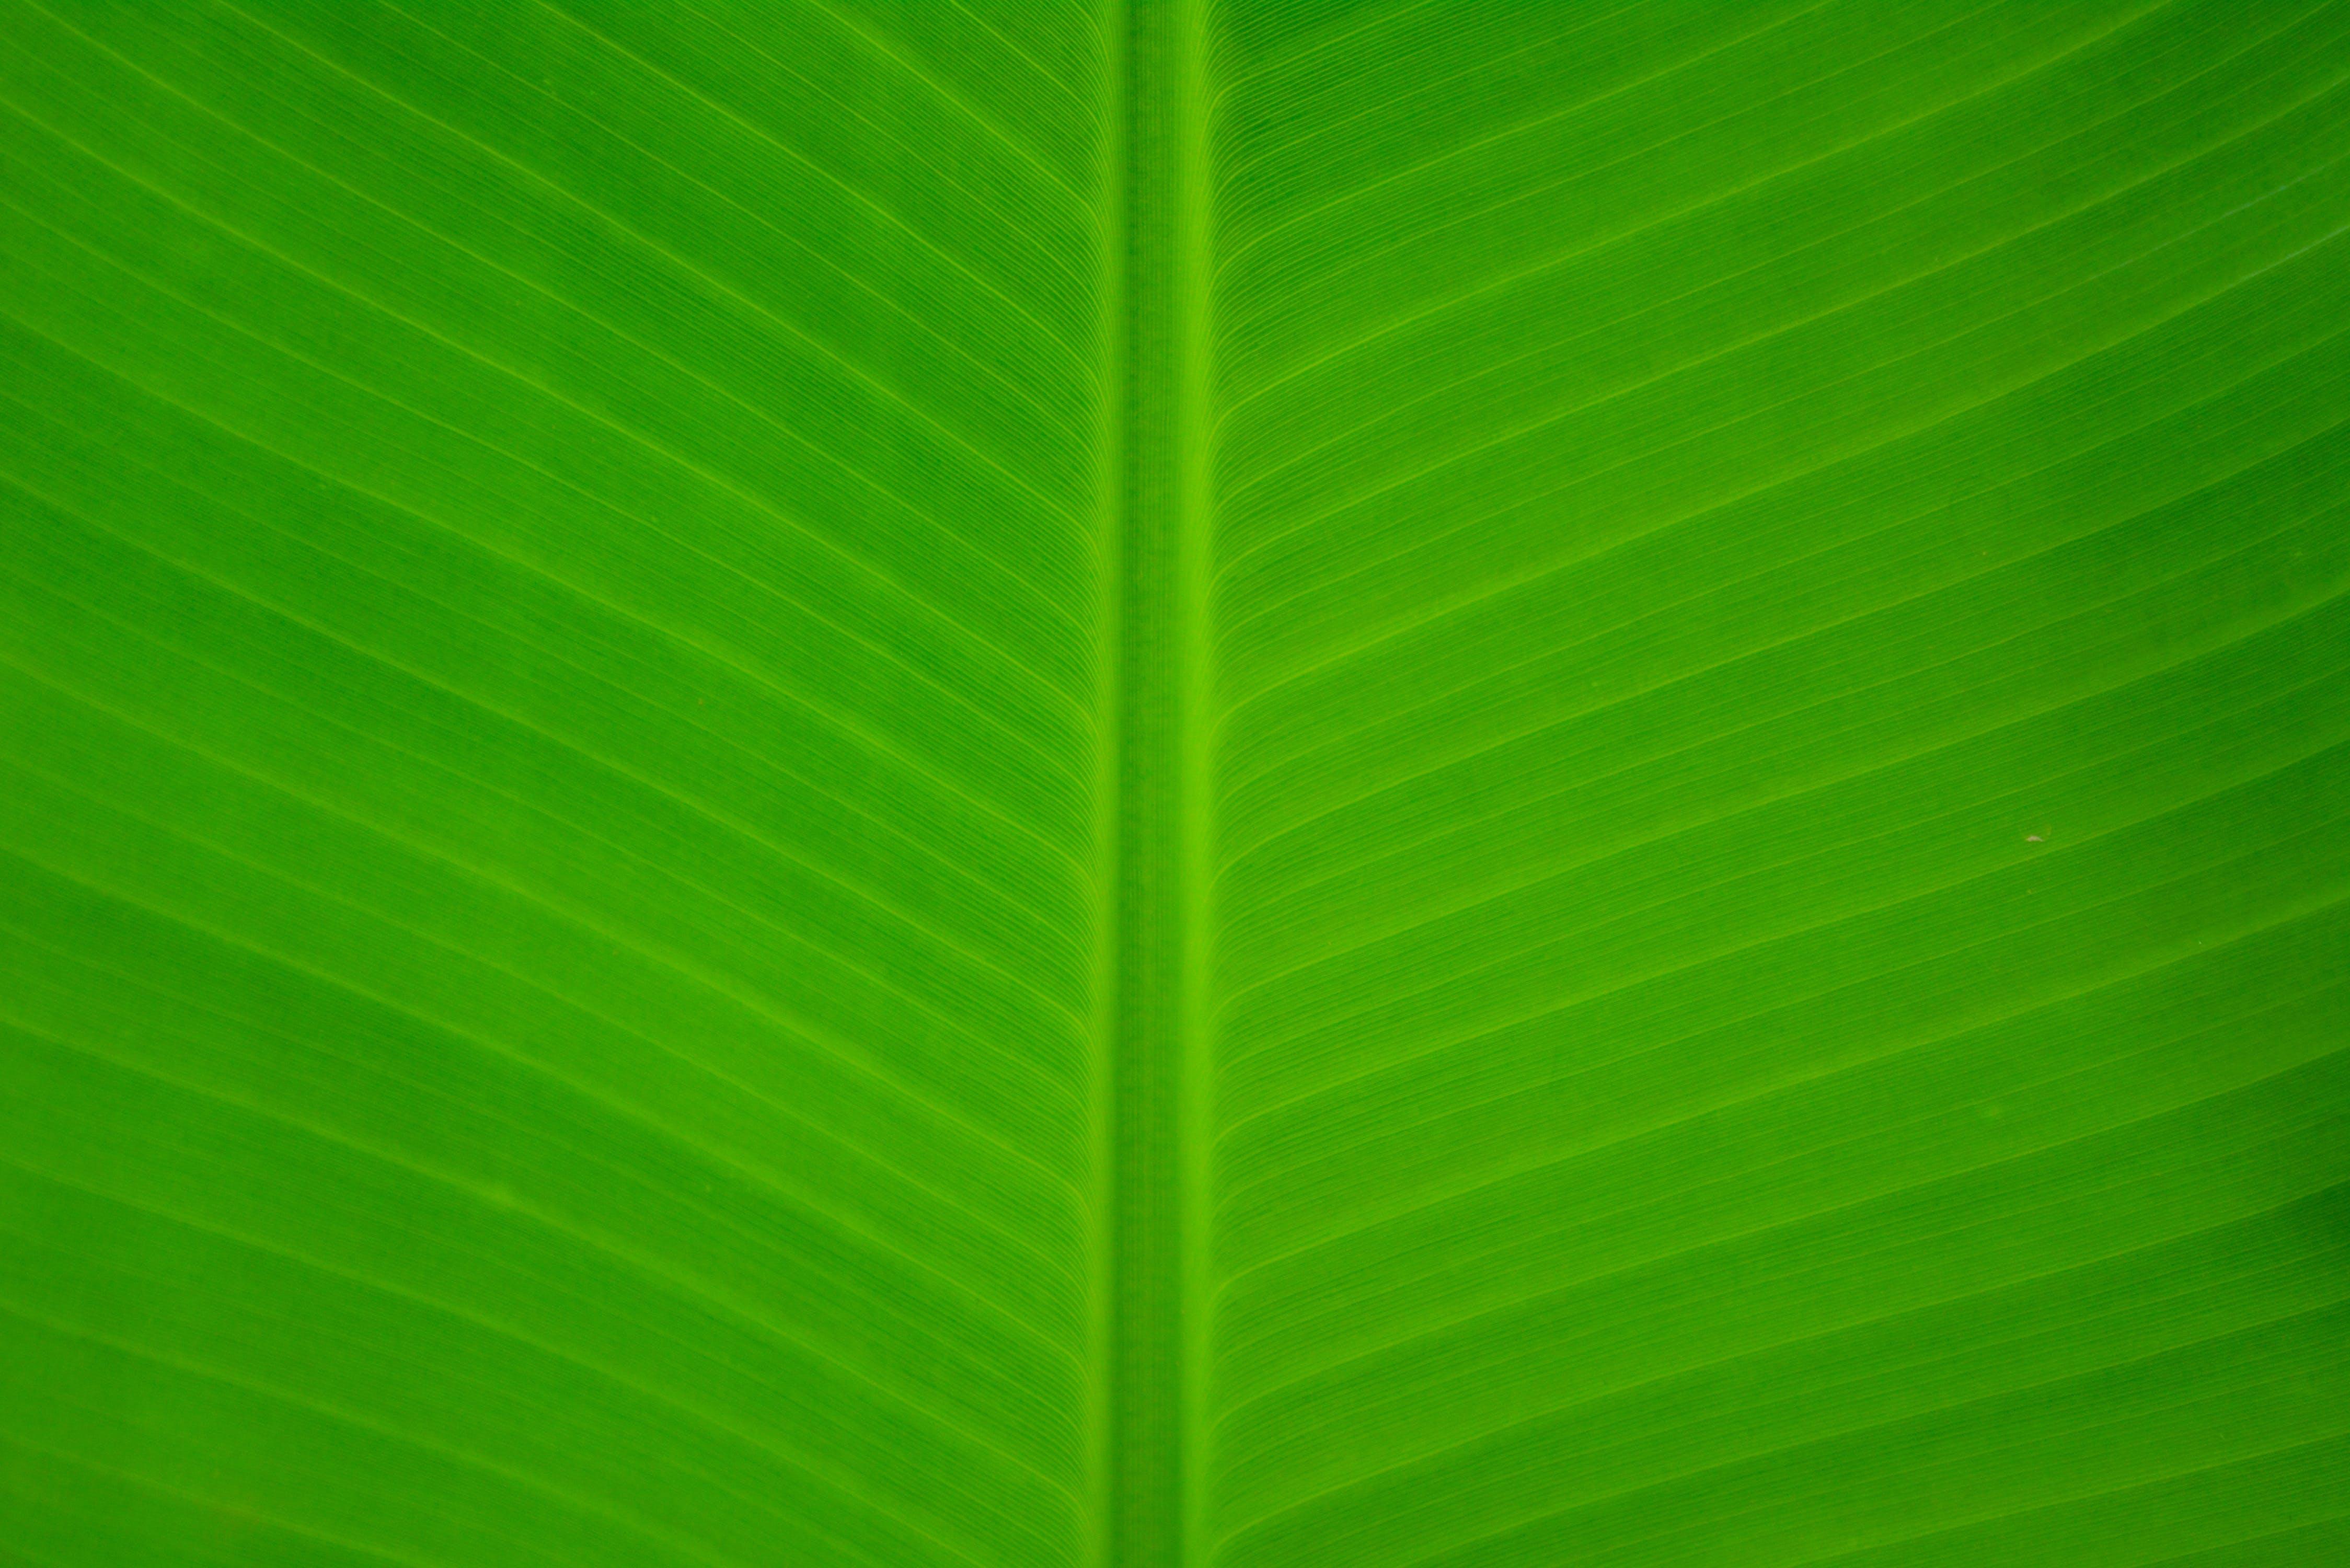 Δωρεάν στοκ φωτογραφιών με γκρο πλαν, εργοστάσιο, μοτίβο, πράσινος